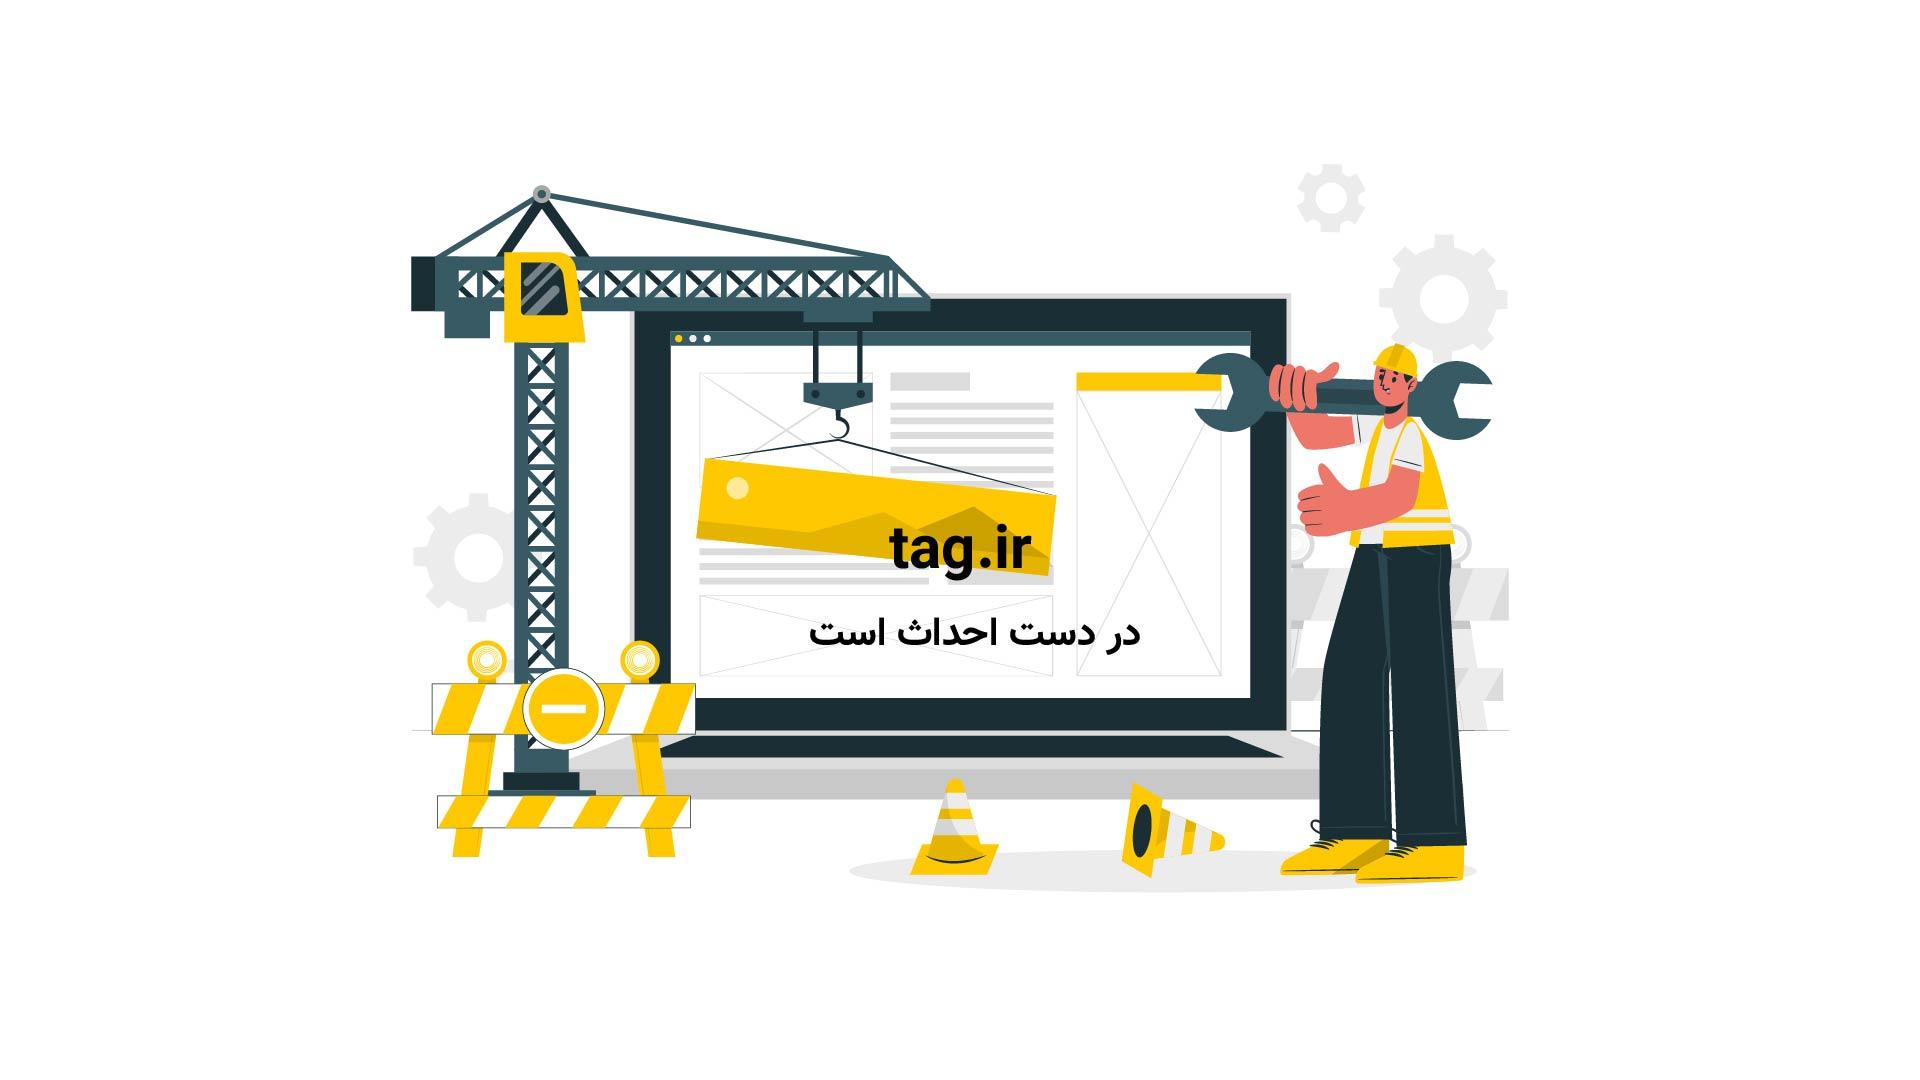 طوفان ایرمادر کارائیب | تگ